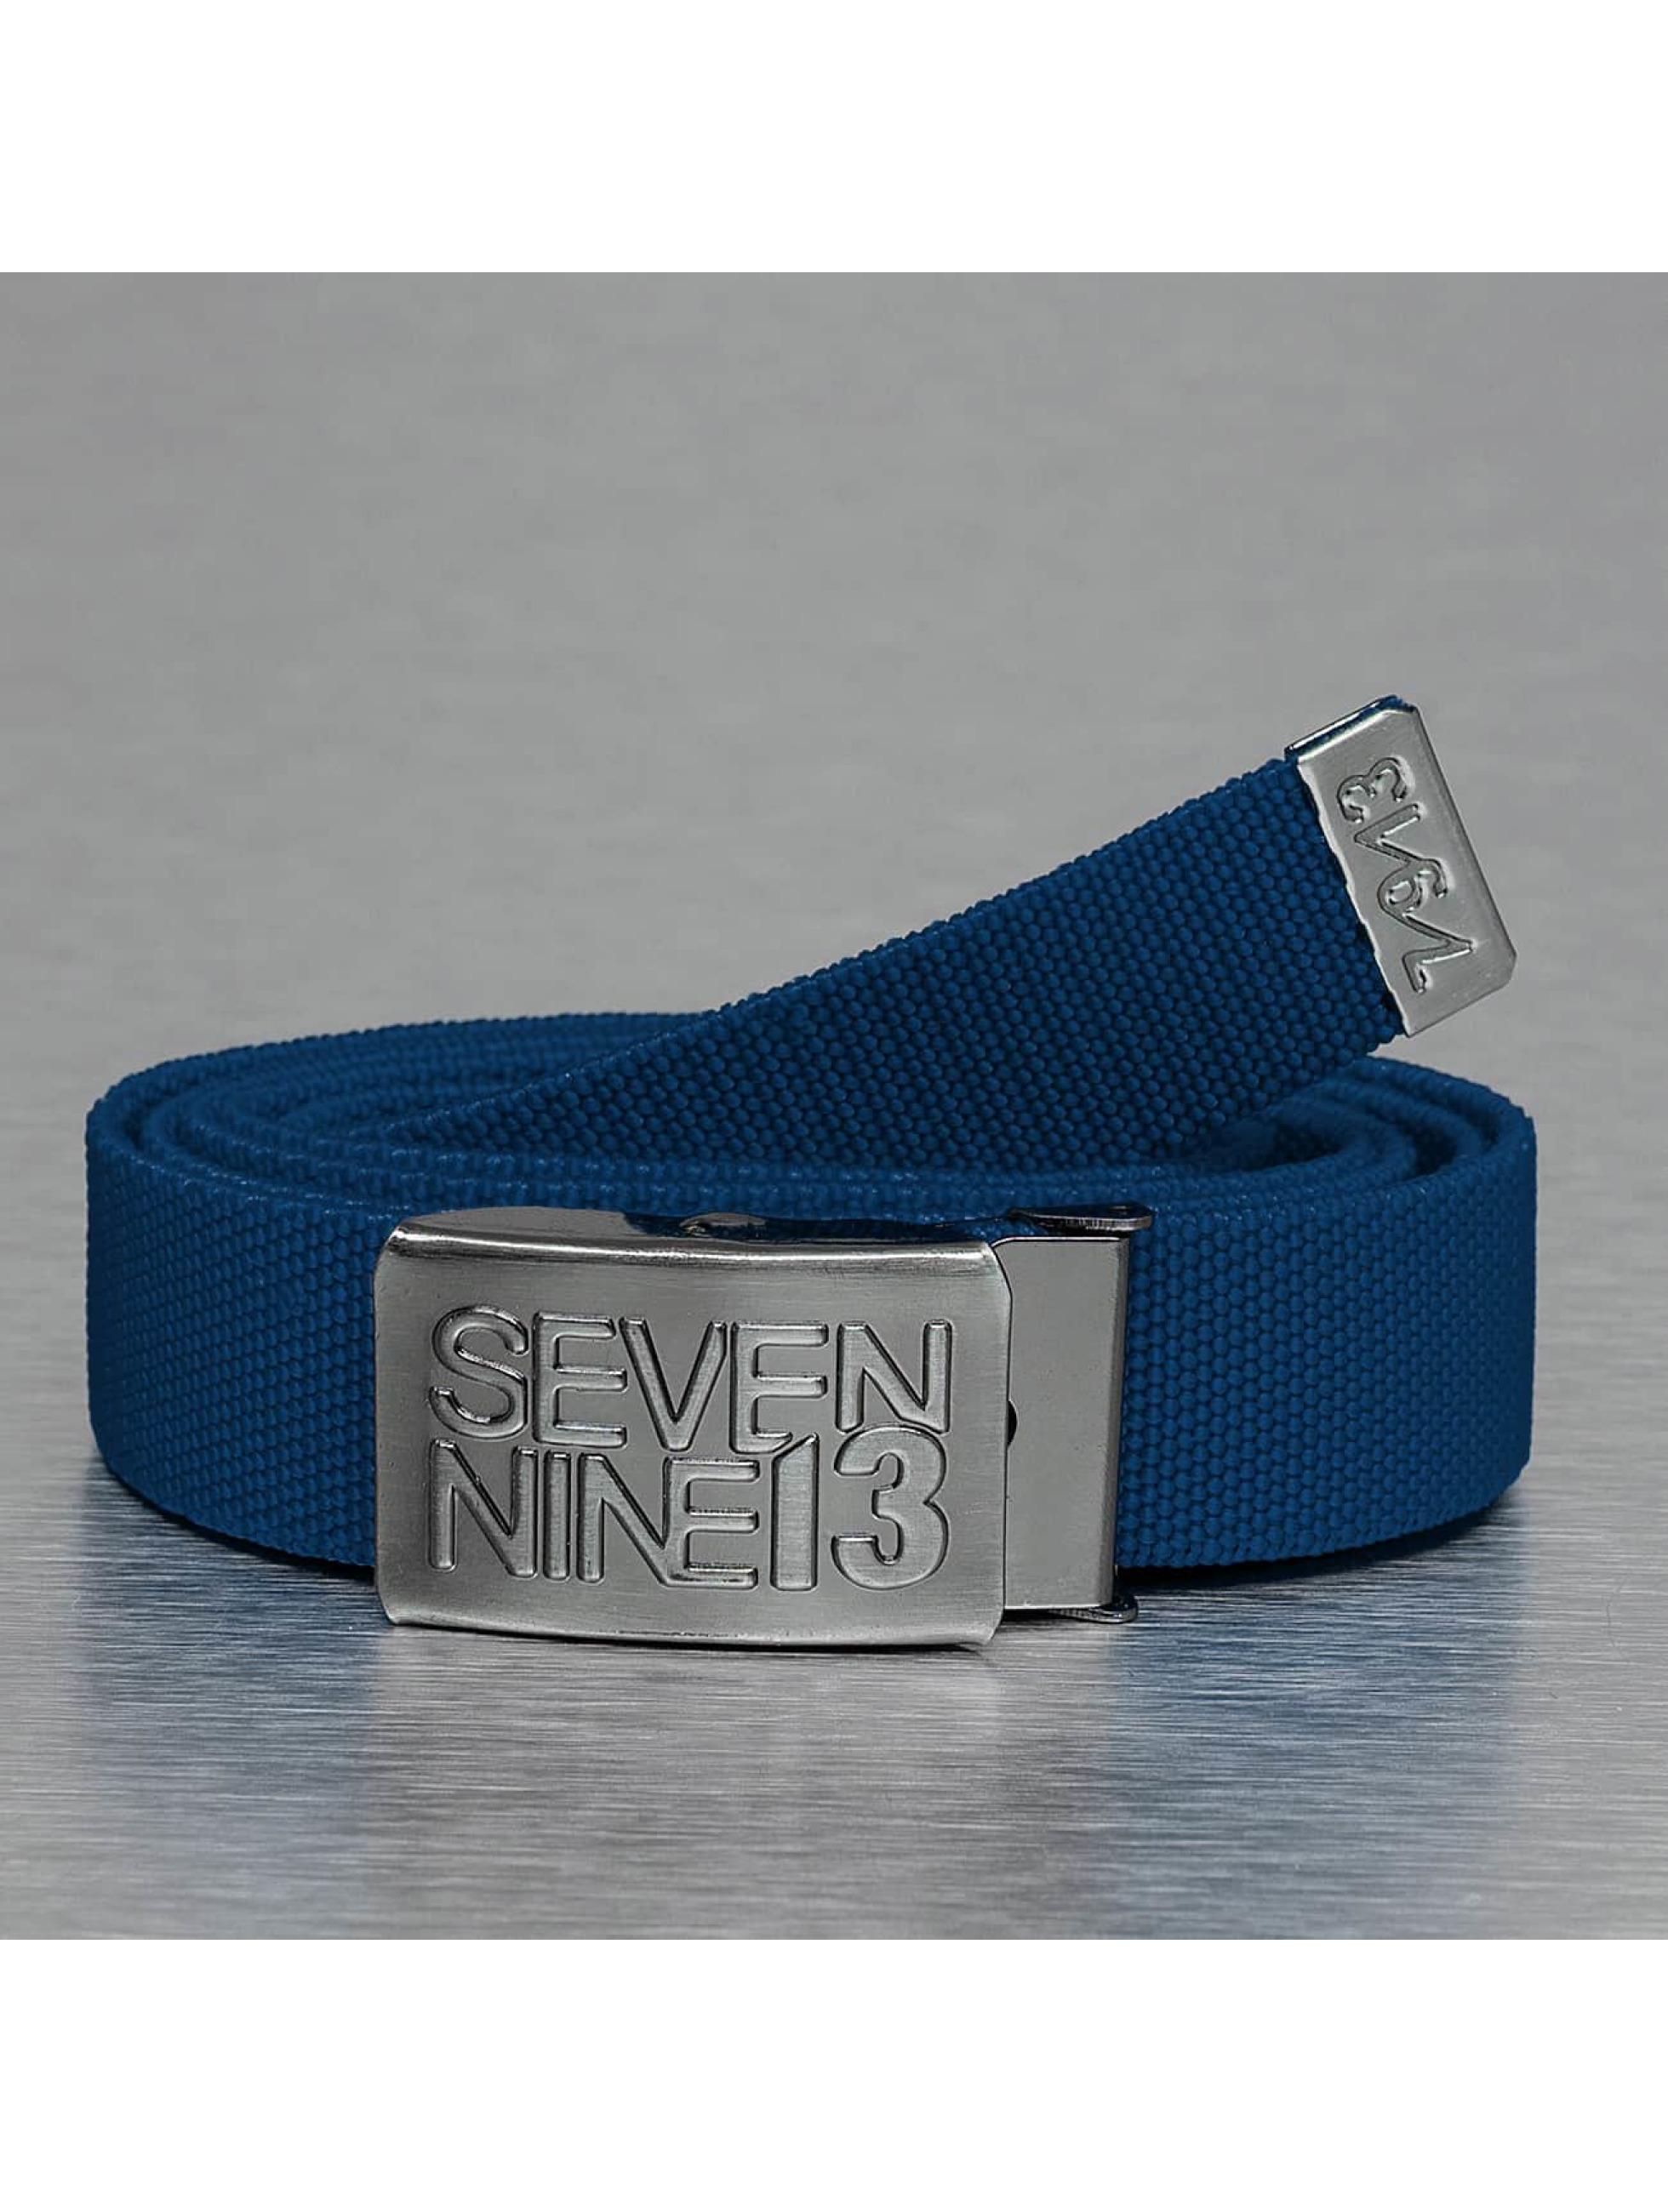 Seven Nine 13 Ремень Jaws Stretc синий